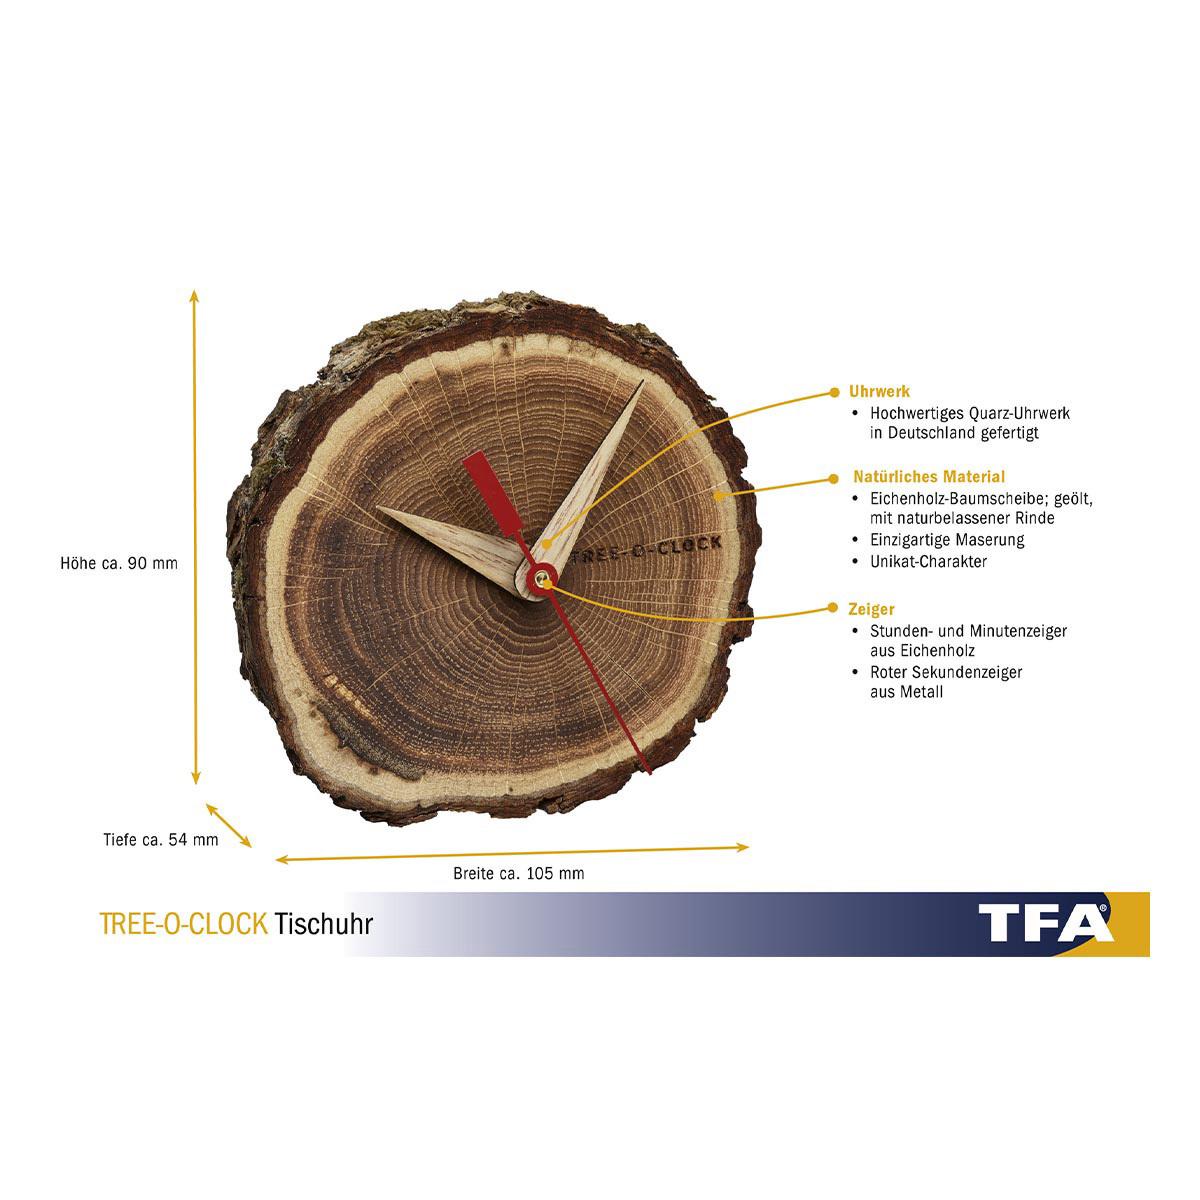 60-1028-08-analoge-tischuhr-eichenholz-tree-o-clock-abmessungen-1200x1200px.jpg